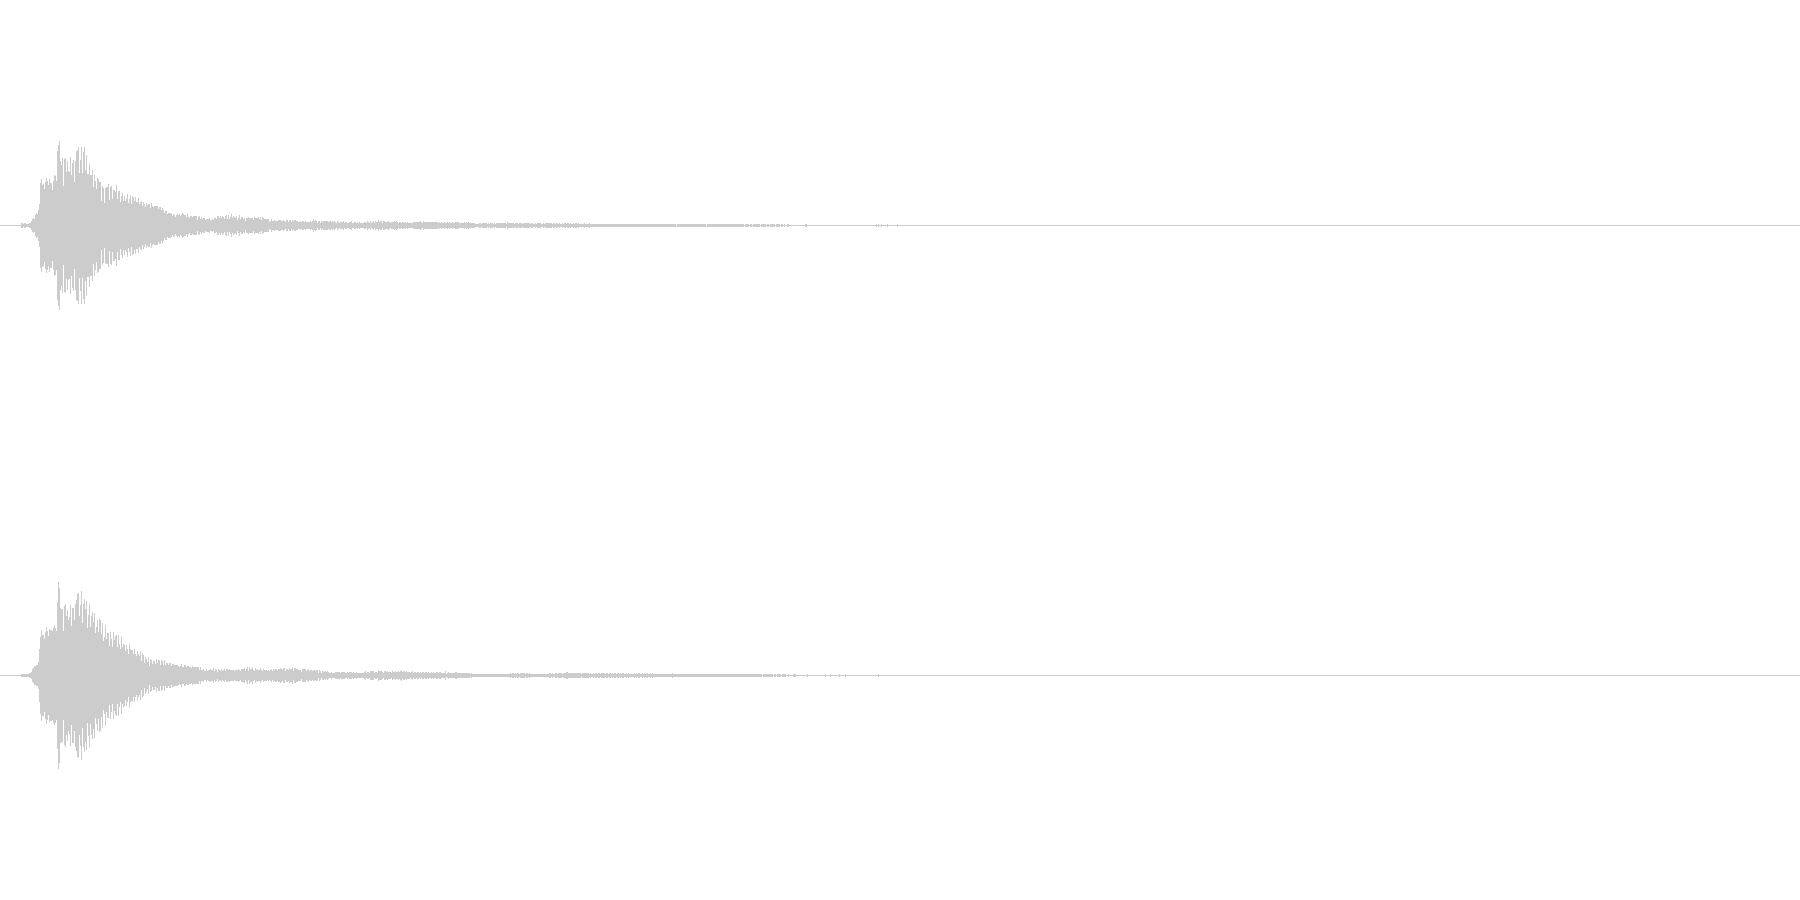 サウンドロゴ(企業ロゴ)_012の未再生の波形